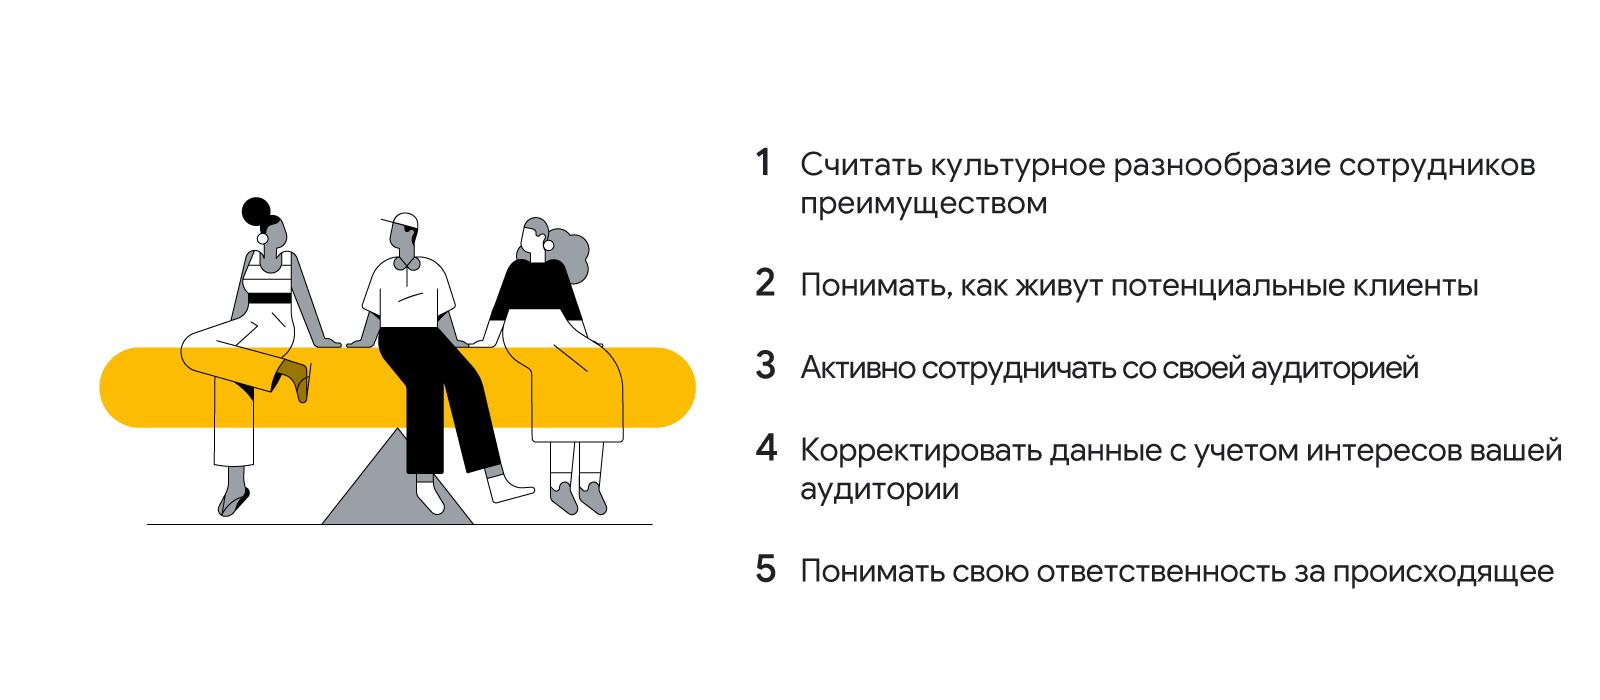 На желтой перекладине, лежащей на треугольнике, сидят три человека. Текст: 1. Считать культурное разнообразие сотрудников преимуществом. 2. Понимать, как живут потенциальные клиенты. 3. Активно сотрудничать со своей аудиторией. 4. Корректировать данные с